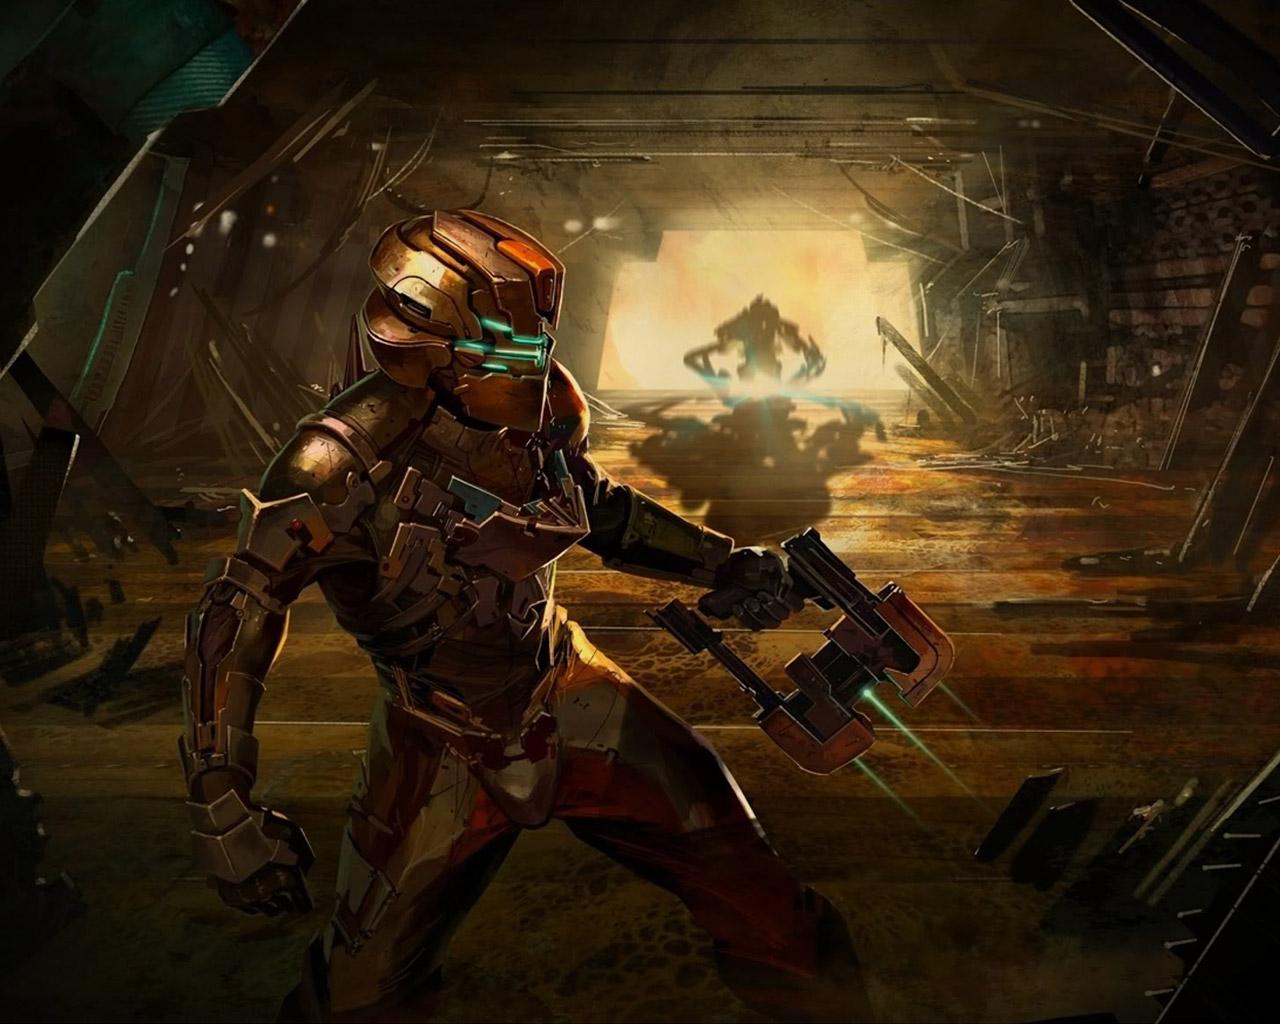 Dead Space 2 Wallpaper in 1280x1024 1280x1024